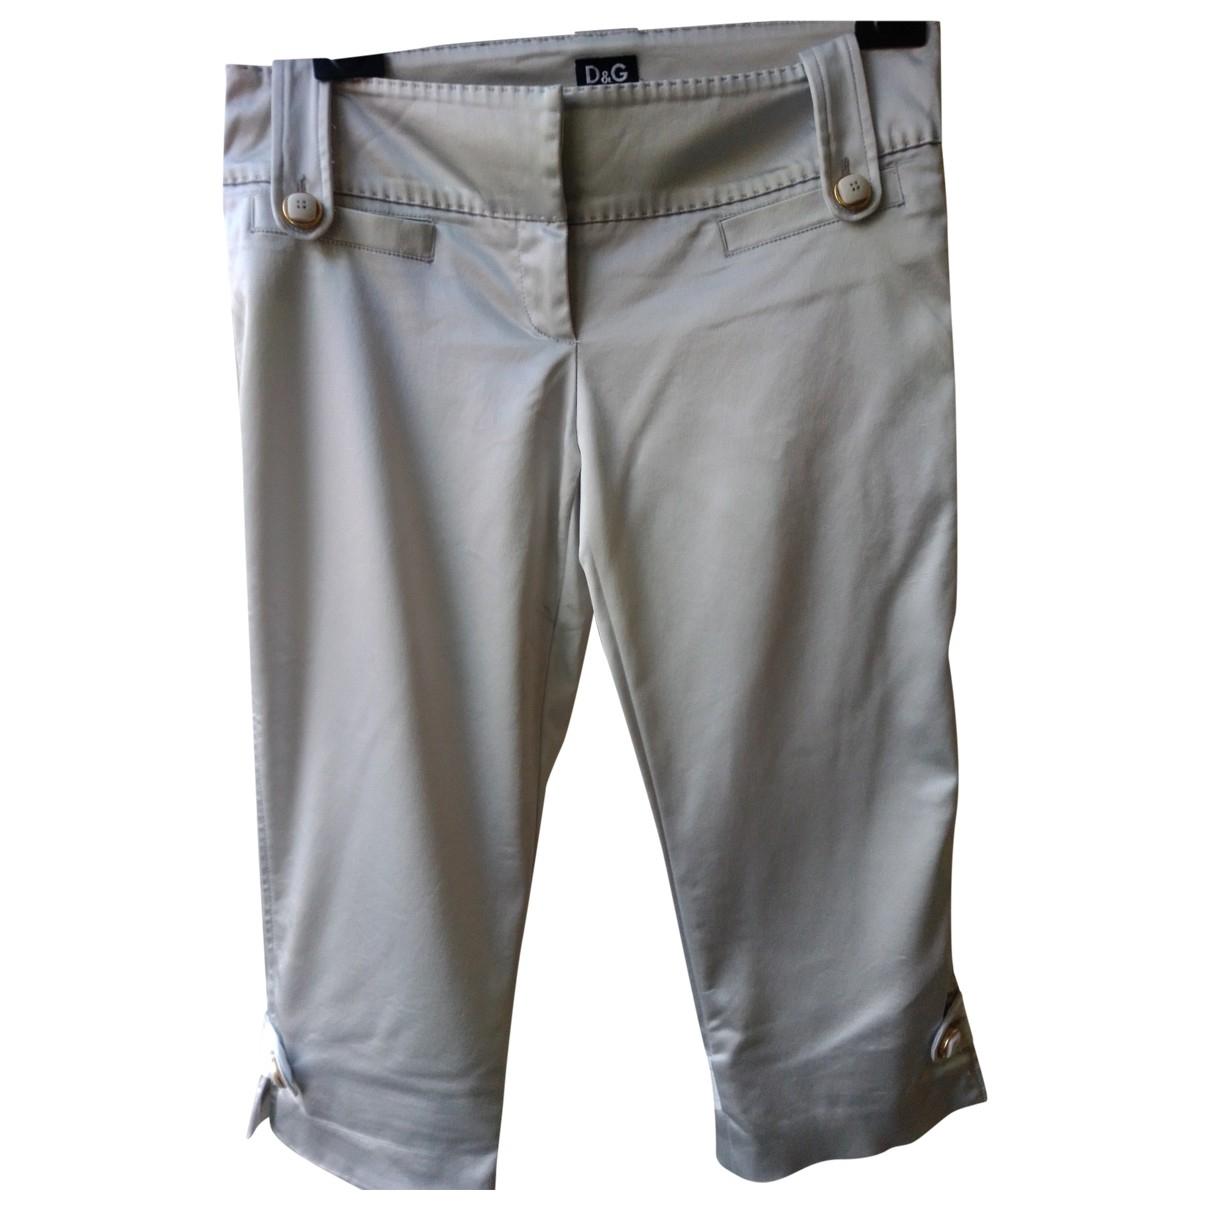 D&g \N Silver Trousers for Women 44 IT